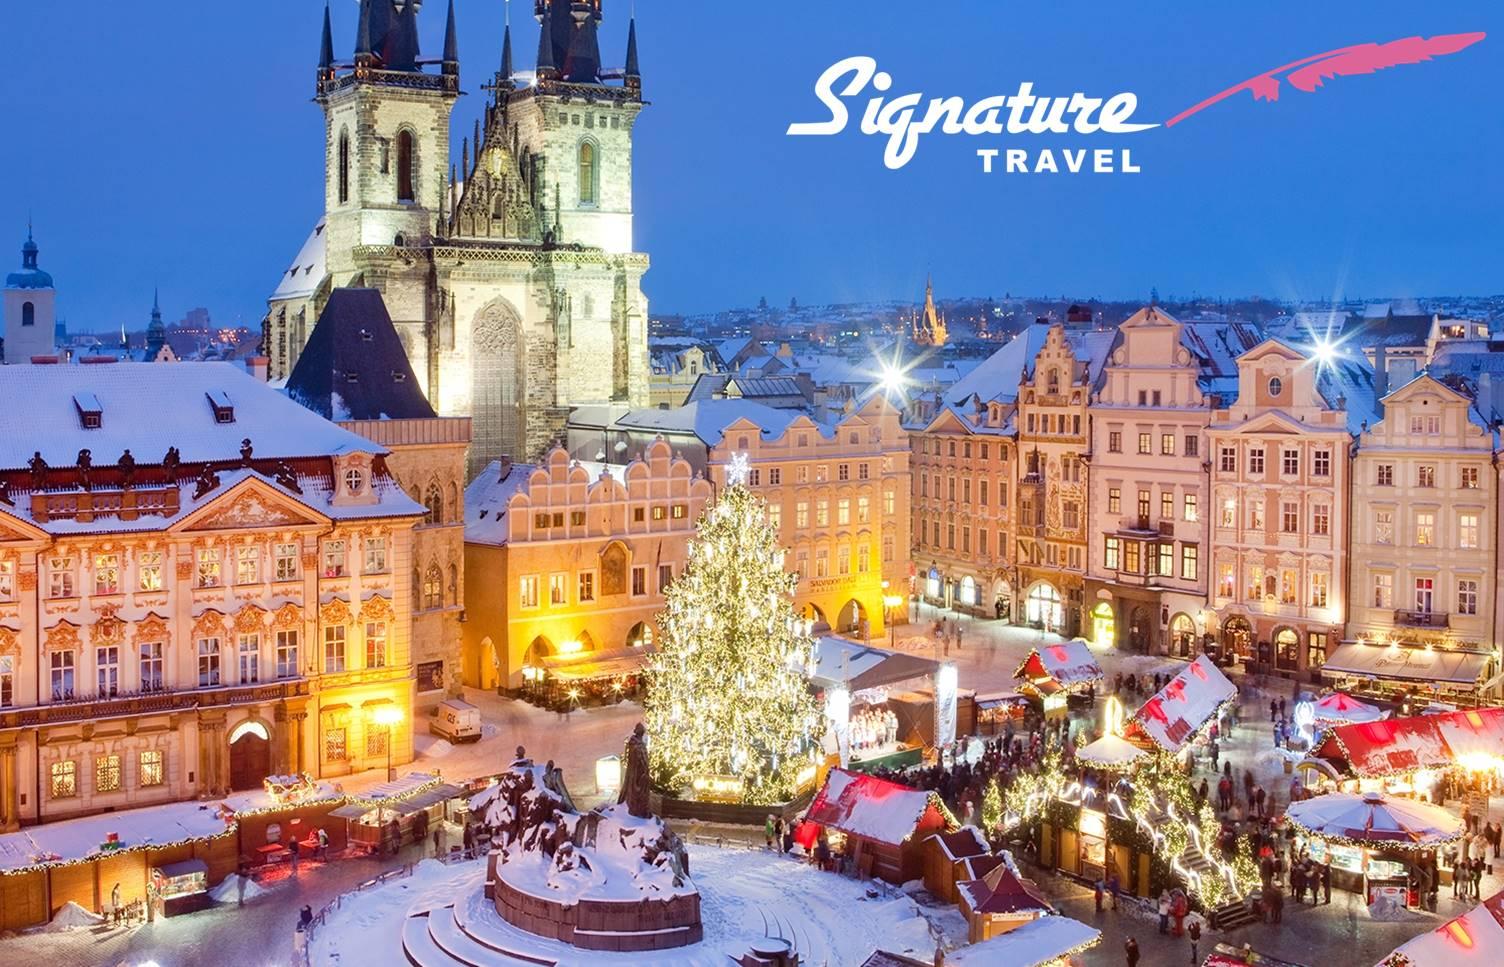 ΧΡΙΣΤΟΥΓΕΝΝΑ στην Πραγα με την Υπογραφη του »Signature Travel»: 450€ για 4 μερες με Αεροπορικα, Ξενοδοχειο 4*, Ημιδιατροφη, Φορους, Μεταφορες, Ξεναγηση